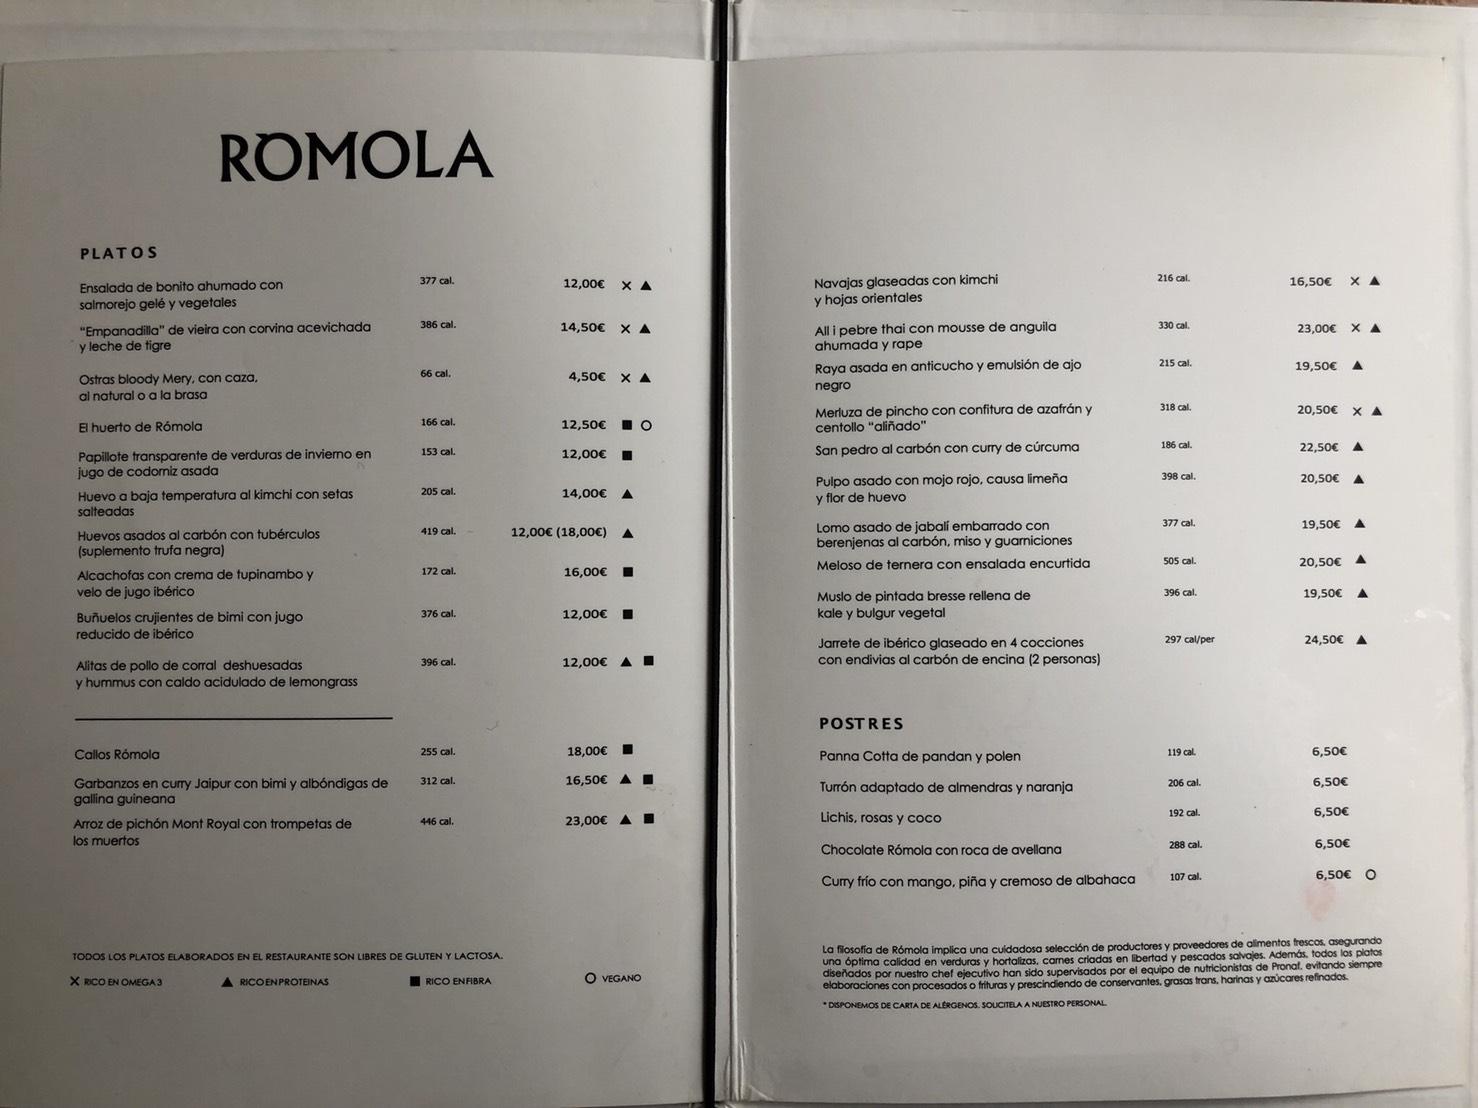 Romola_Carpe Diem Today 2.JPG